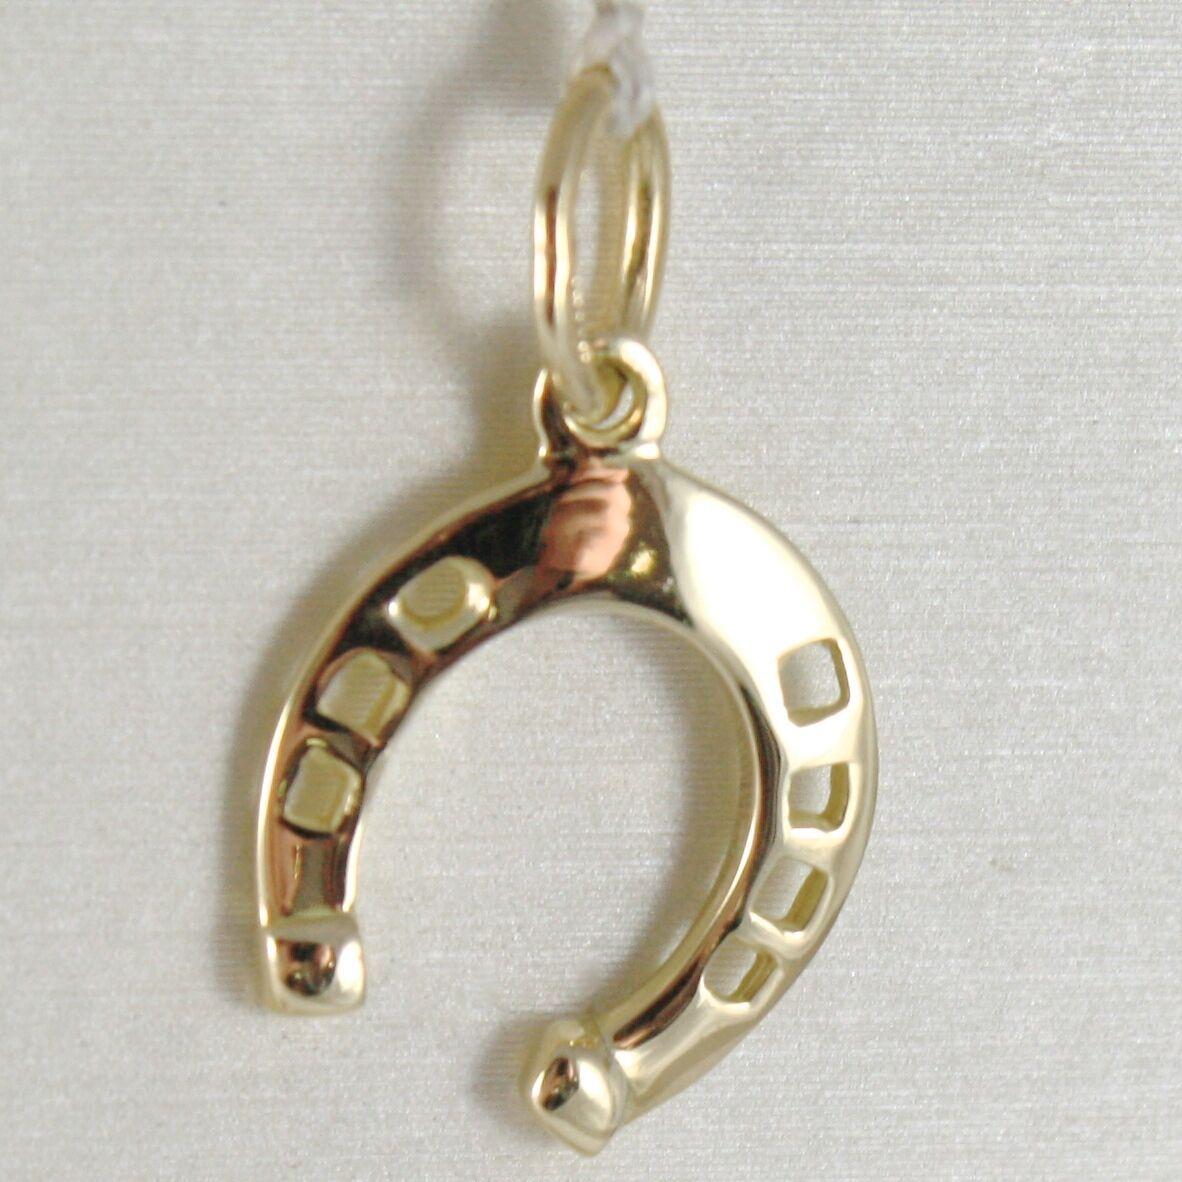 Pendant Gold Yellow or White 750 18k Horseshoe Pendant, 2.1 cm long